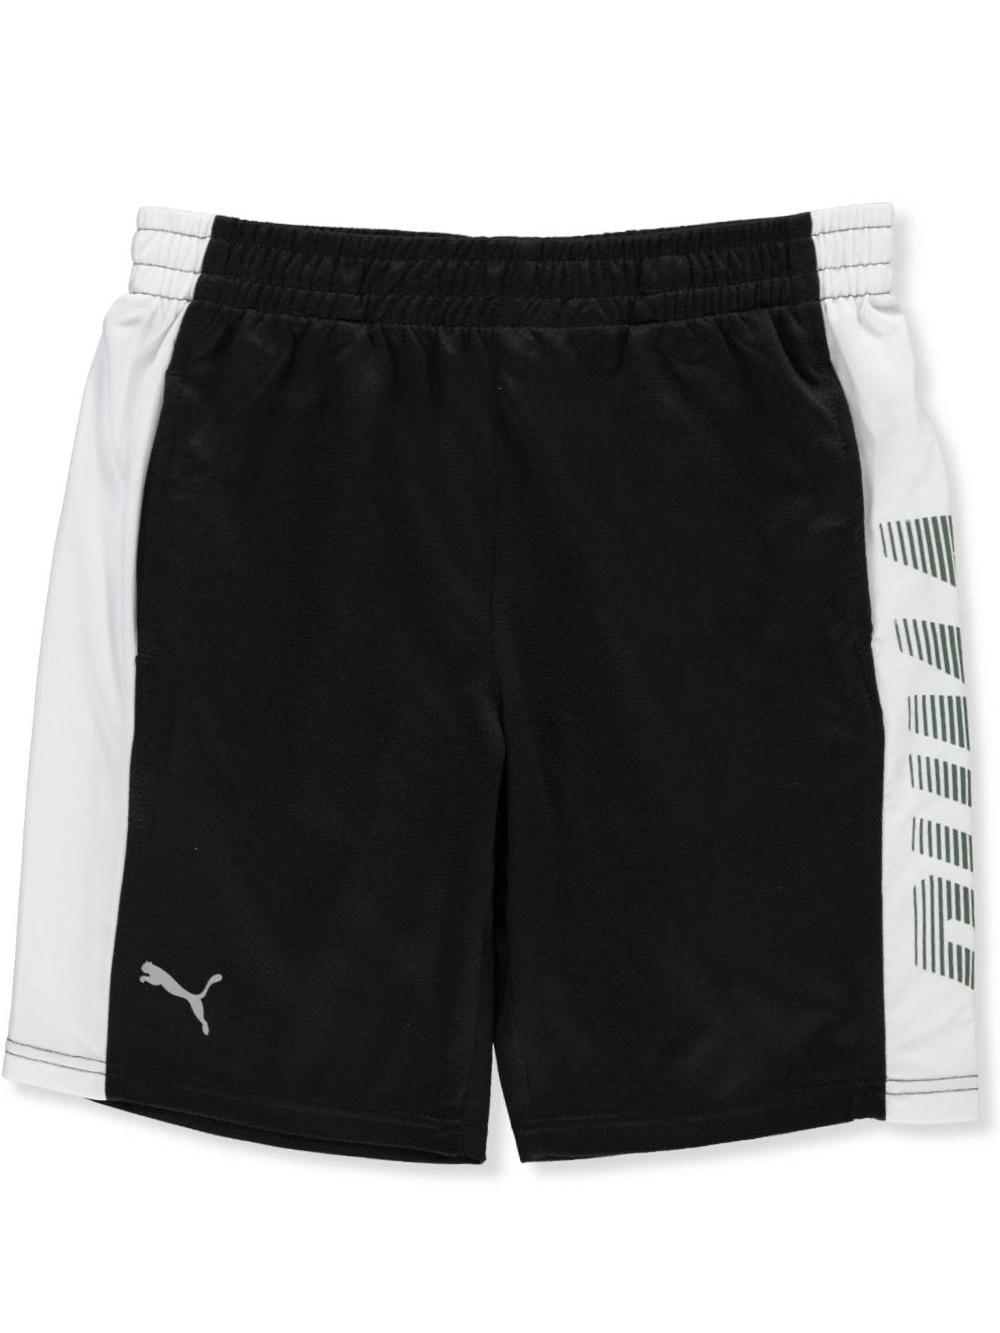 4feddd5dd878 Puma Boys  Mesh Shorts